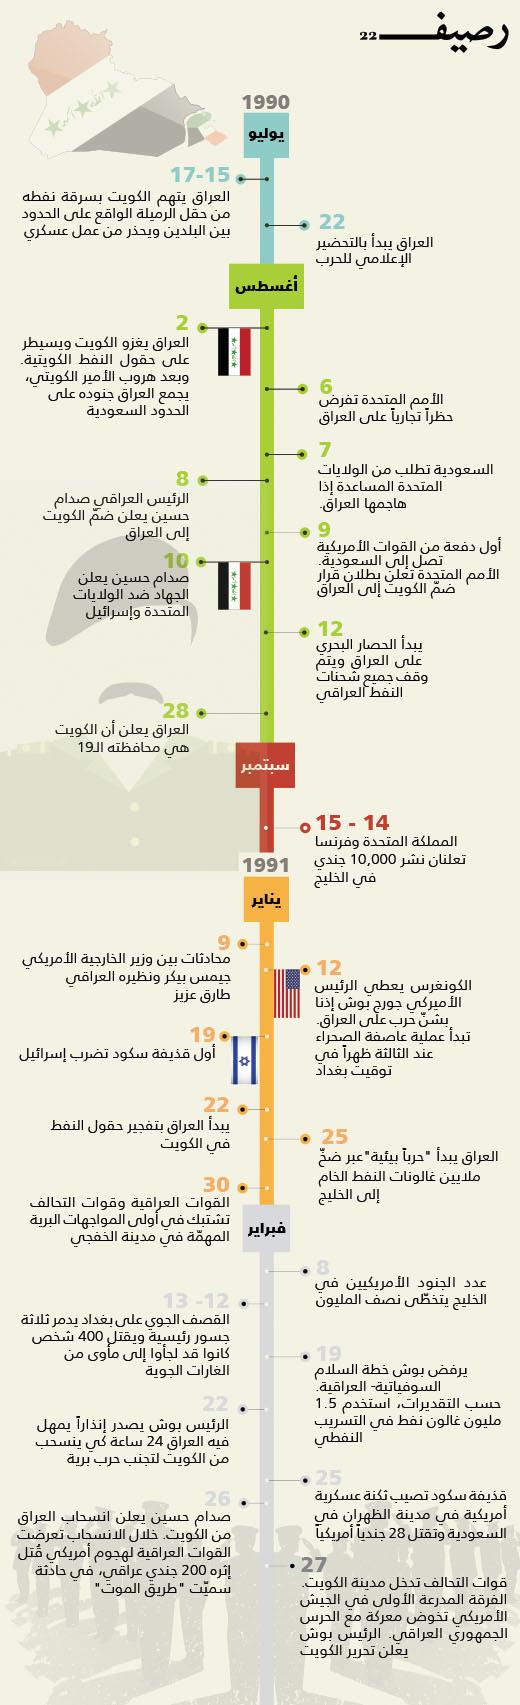 الغزو العراقي للكويت .. ما الذي بقي من الثاني من أغسطس 1990؟